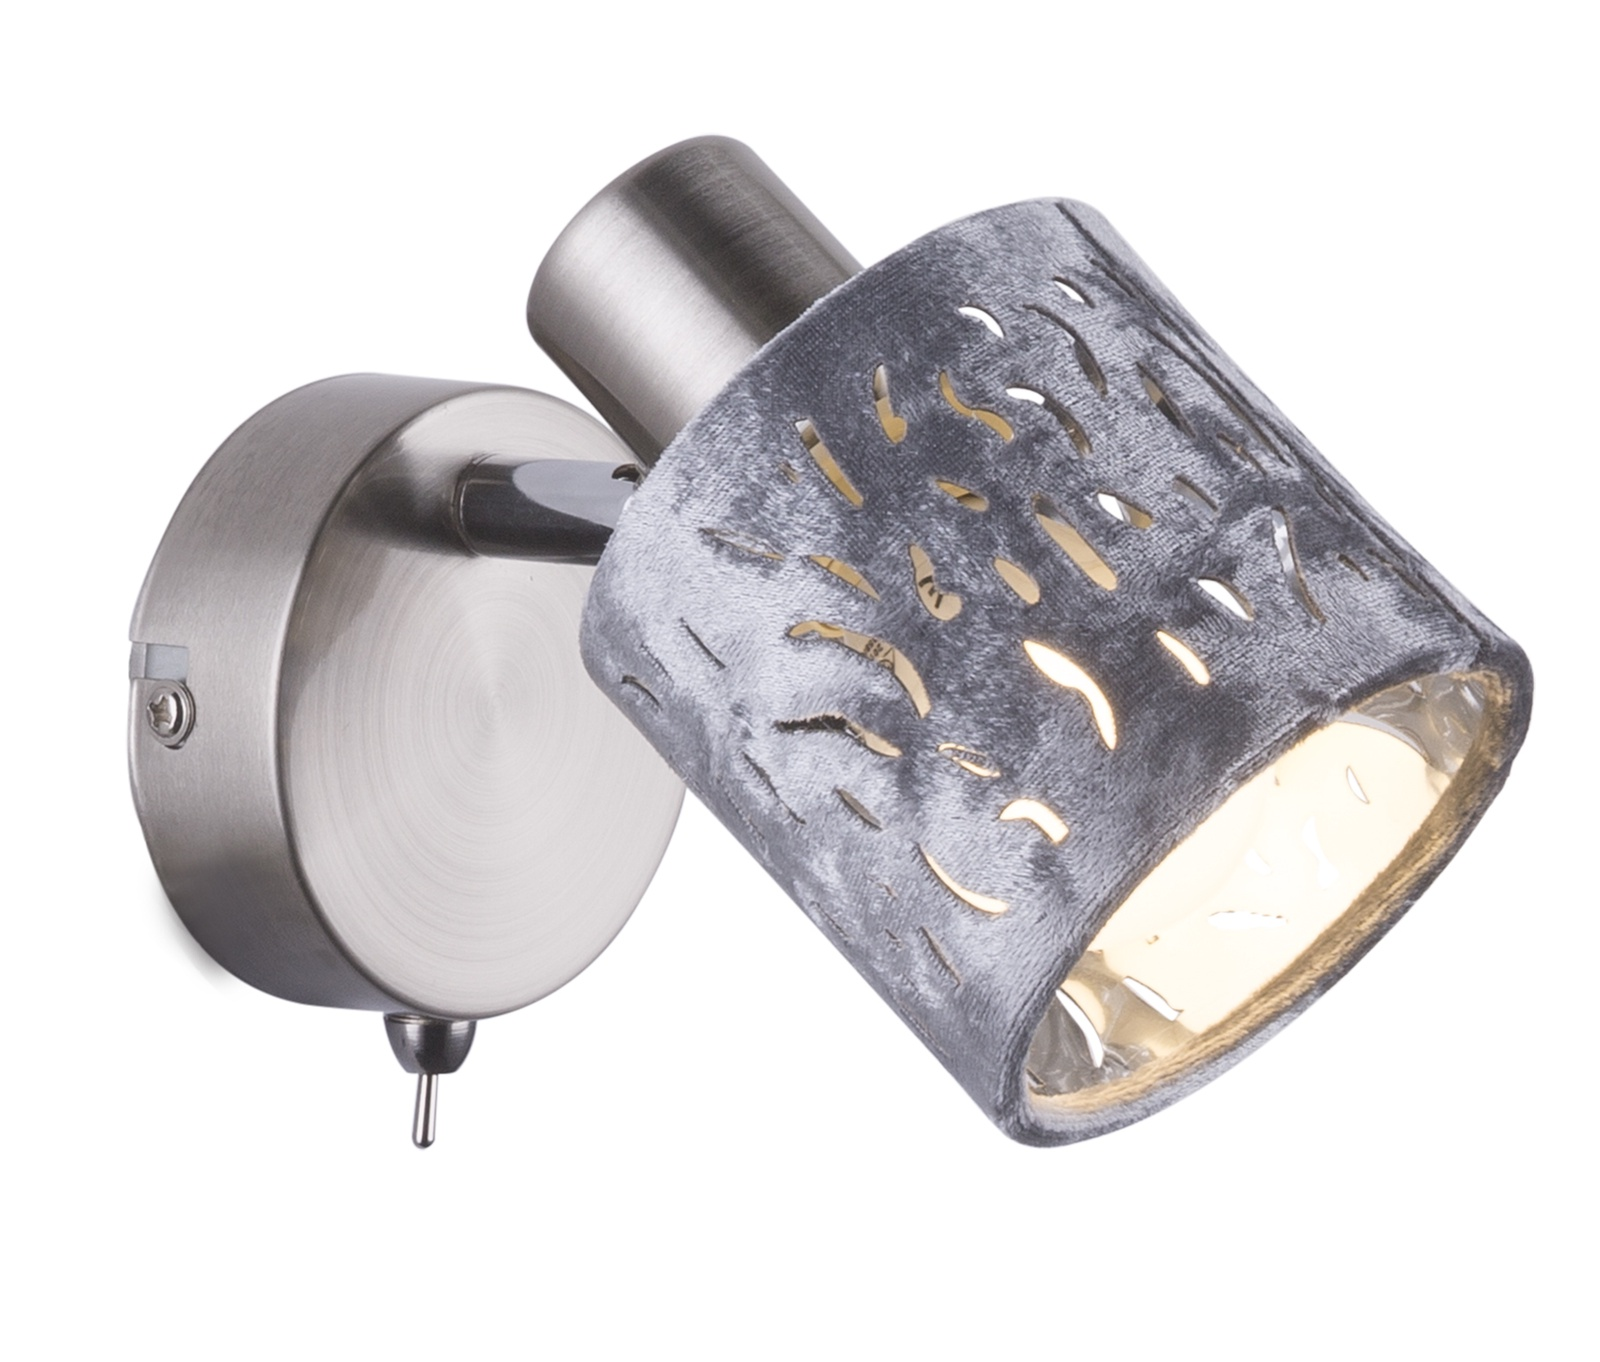 купить Настенно-потолочный светильник Настенно-потолочный светильник Alys по цене 2500 рублей